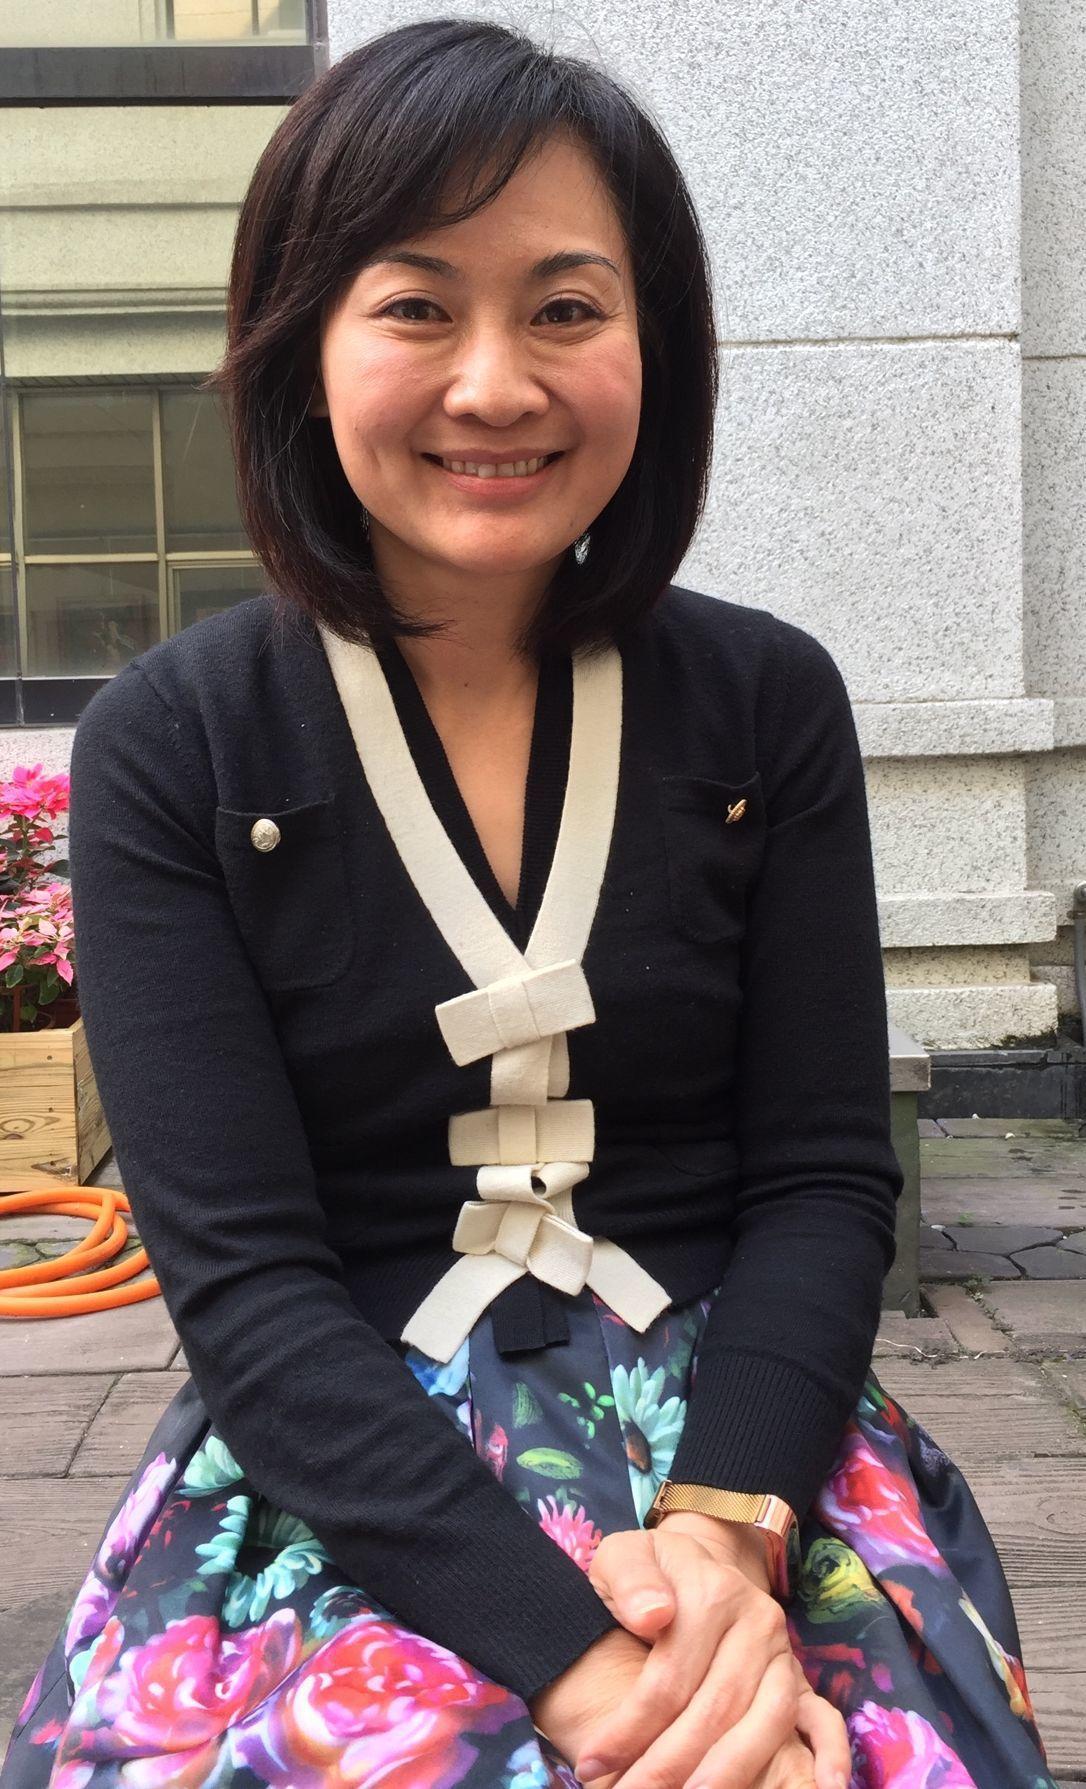 要參選立委的高雄市議員陳麗娜表示,「罷韓」都是那些人在操作,民眾都看得清楚。圖/...